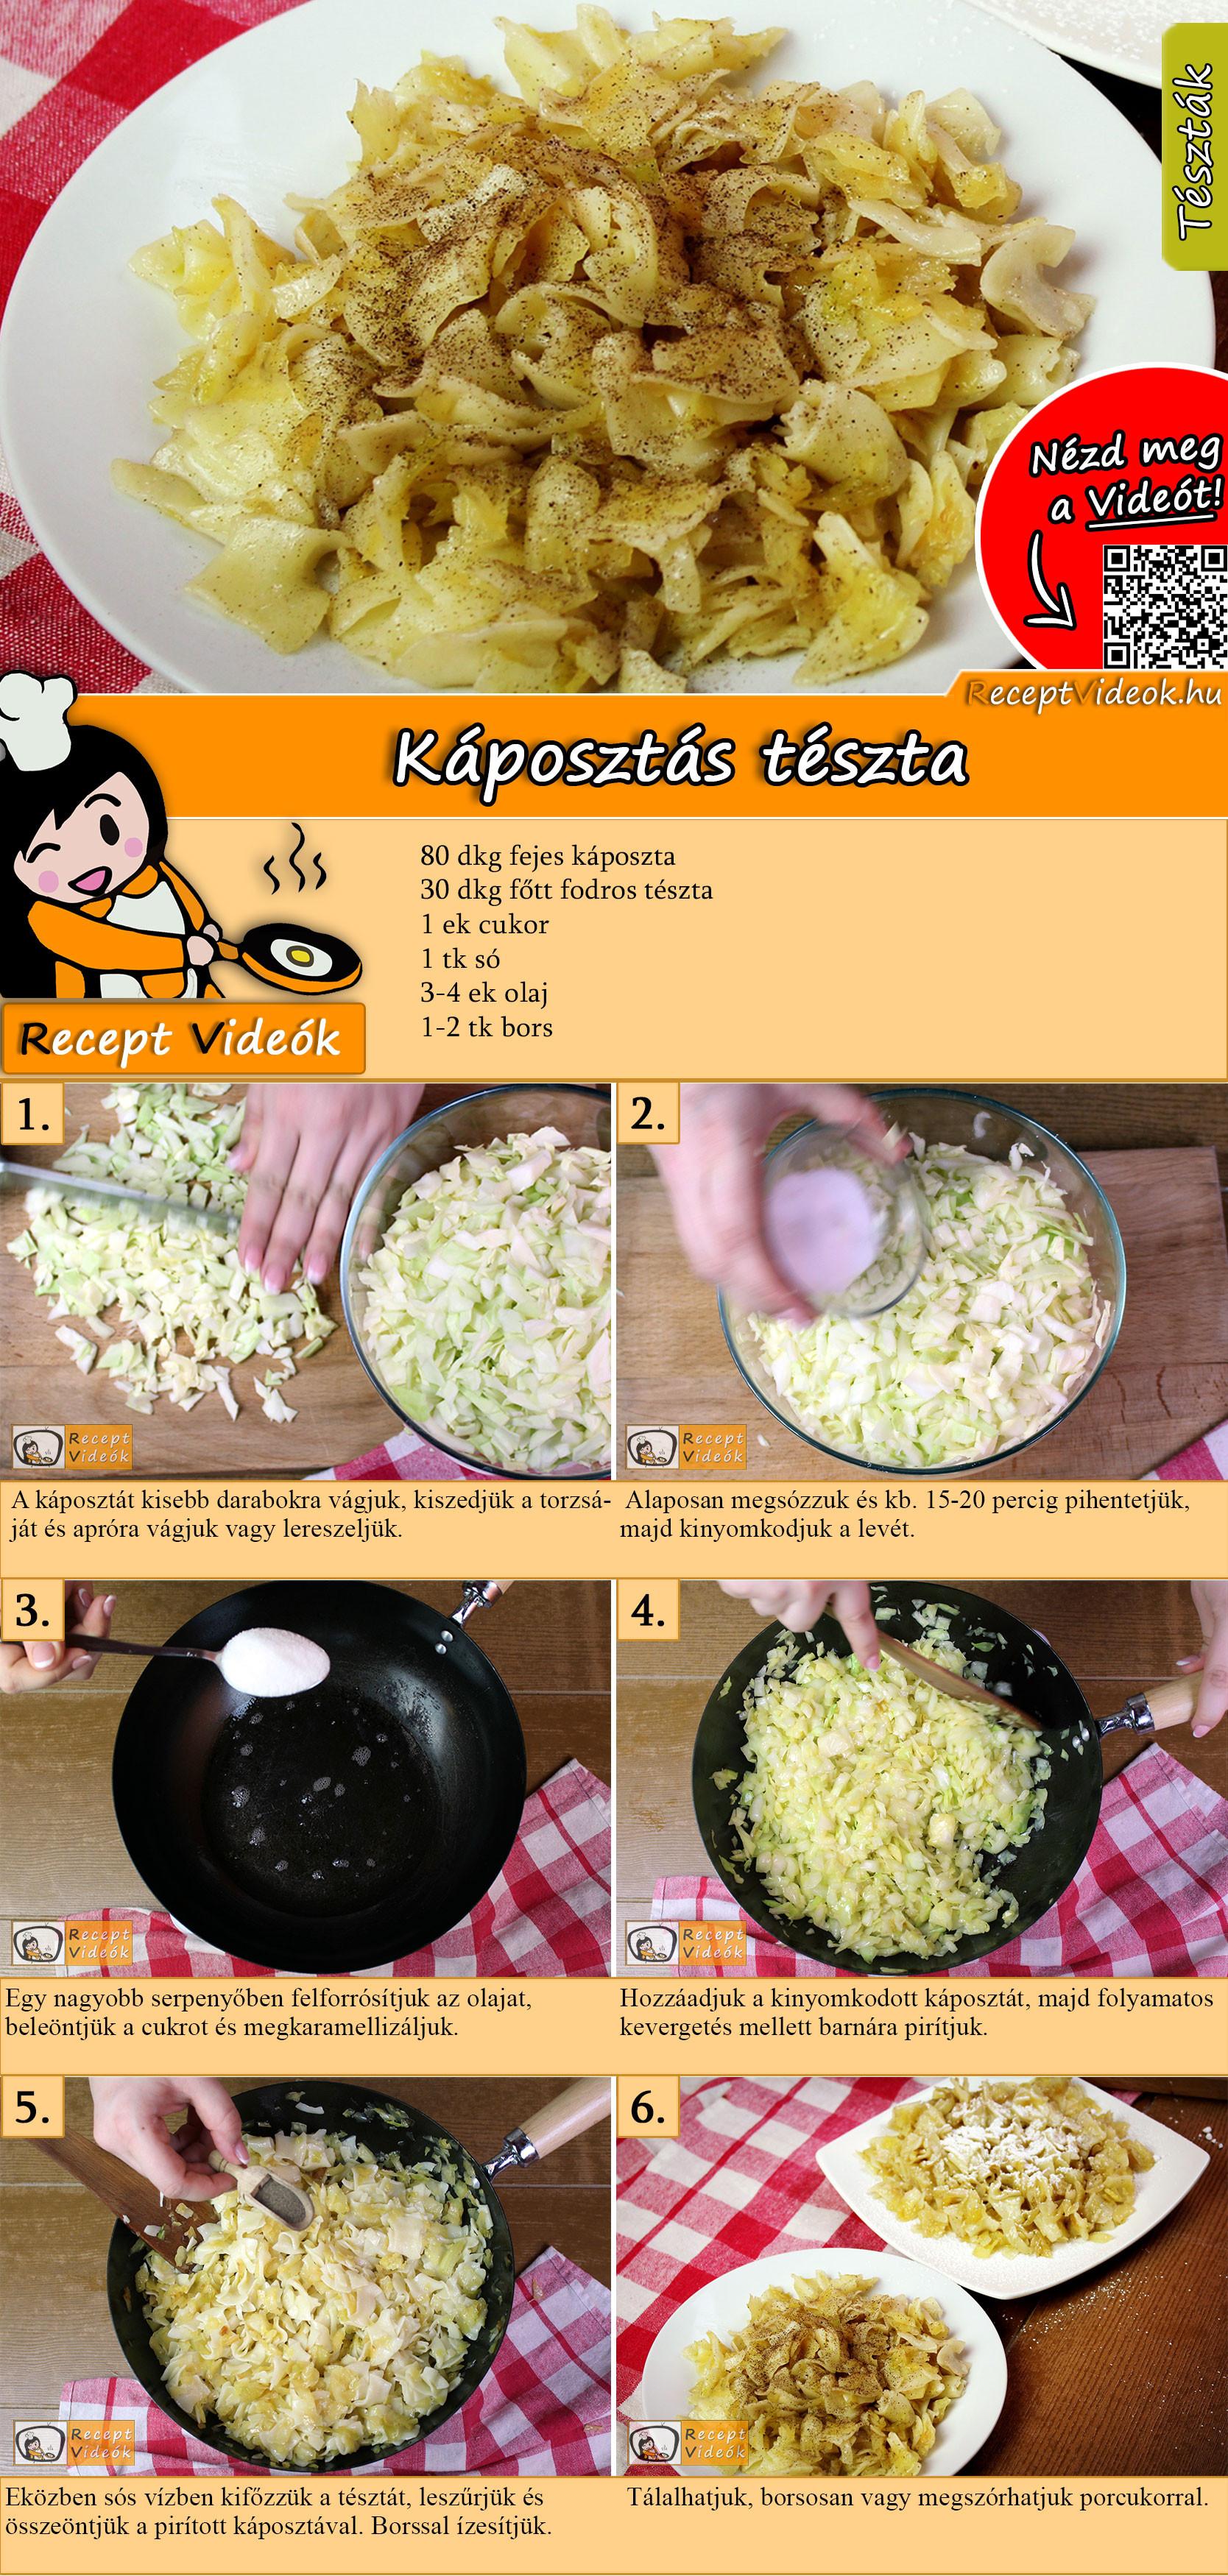 Egyszerű káposztás tészta recept elkészítése videóval